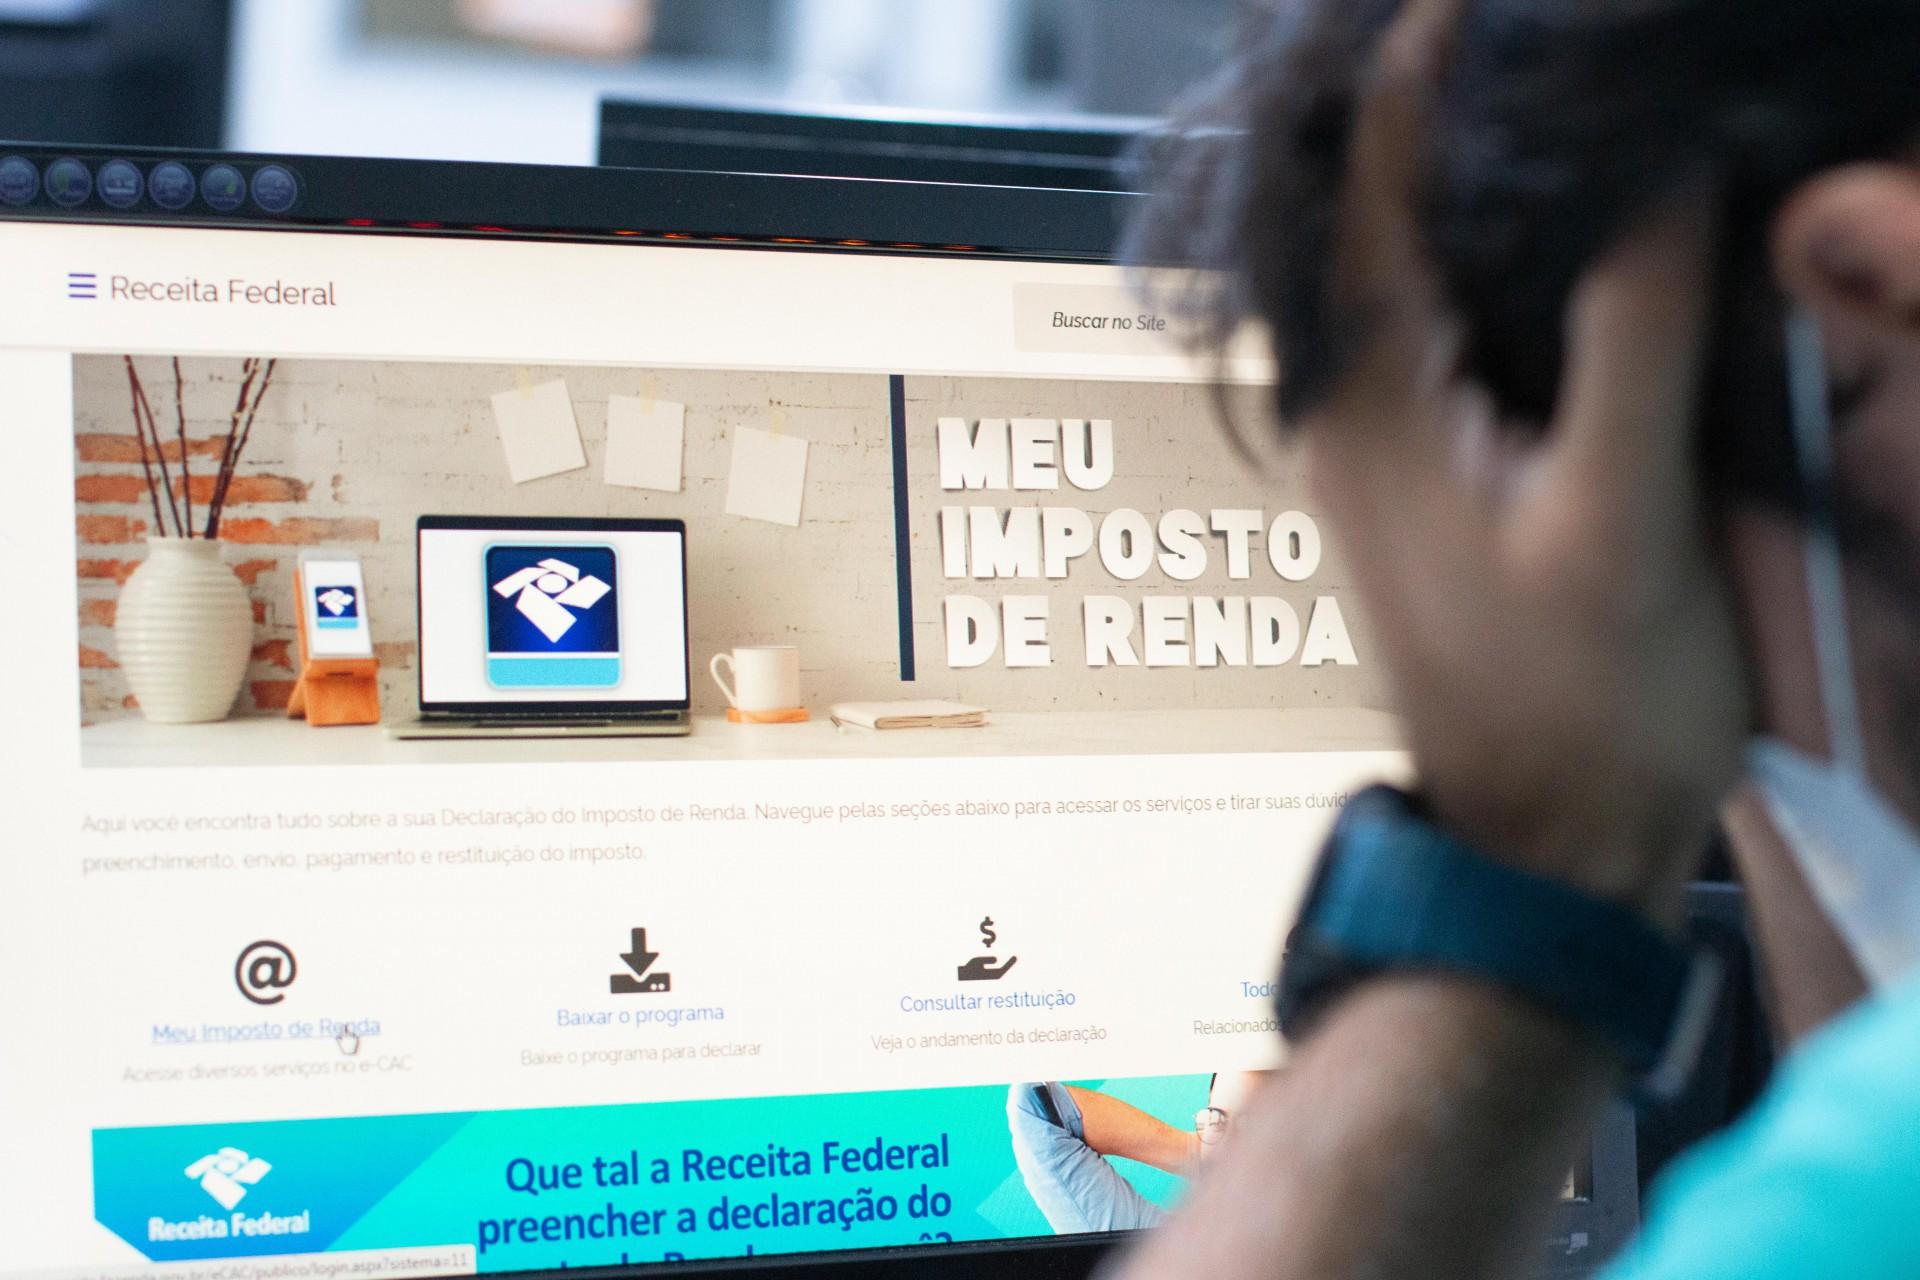 """Isaías Coelho, assessor especial do Ministério da Economia para a reforma tributária, disse ser """"ilusório"""" pensar que uma nova faixa elevaria a progressividade do Imposto de Renda. (Foto: Fernanda Barros/ Especial Para O Povo)"""